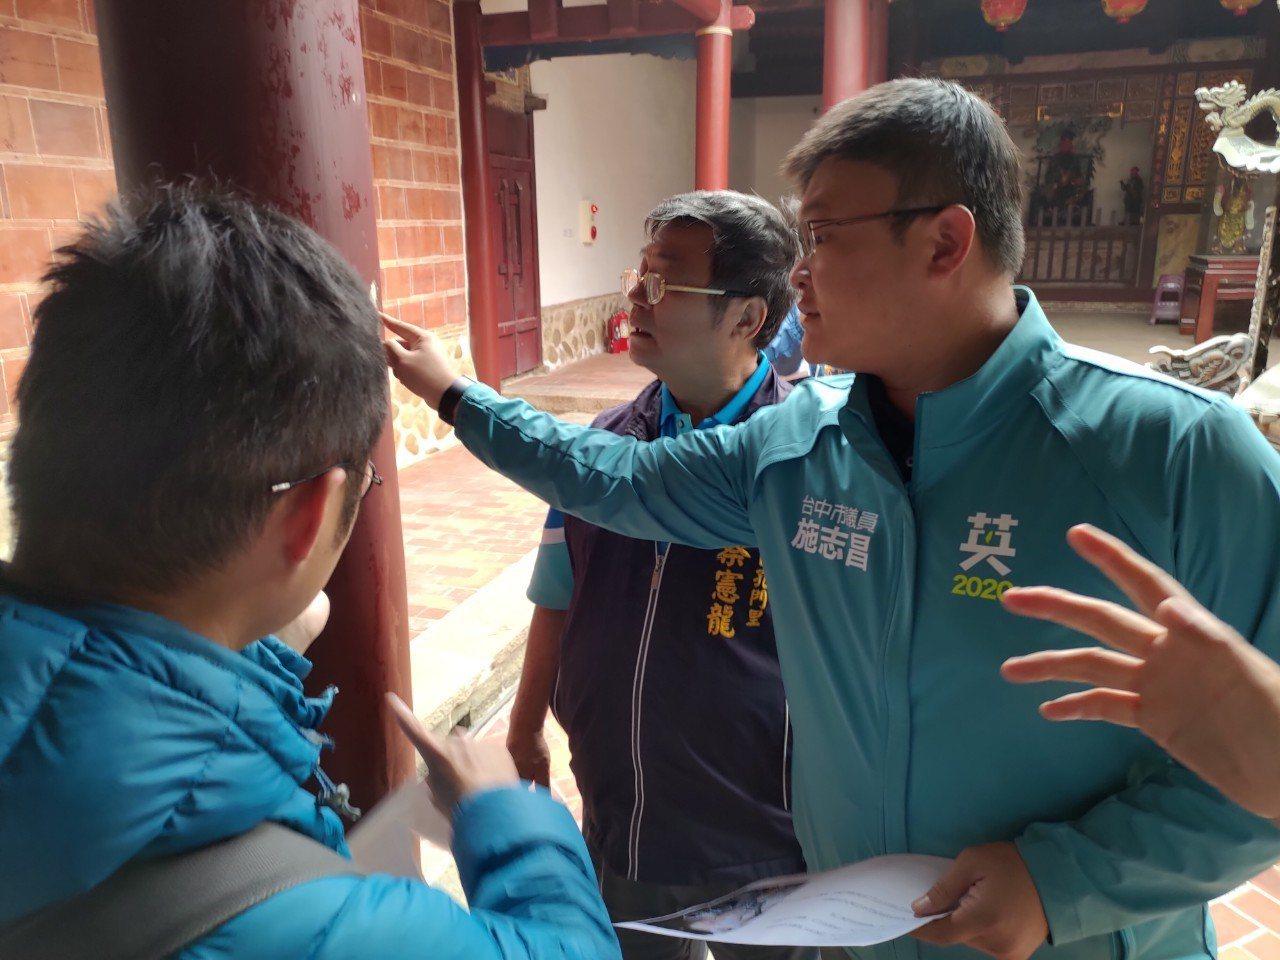 台中市議員施志昌等人今天會勘大甲文昌祠整修工程,發現二問題。記者游振昇/攝影